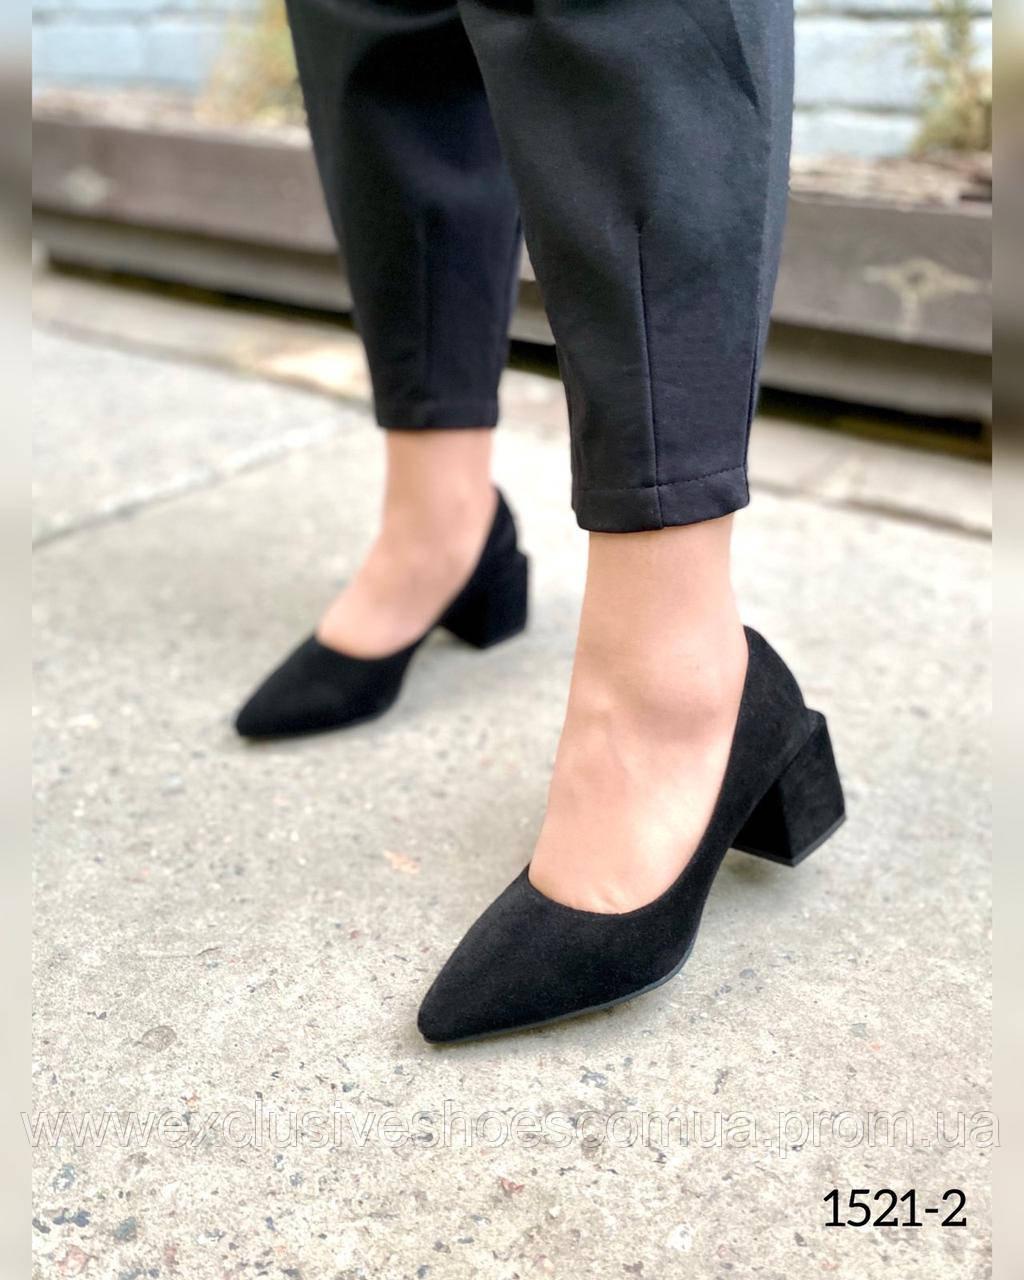 Туфли женские замшевые лодочки остроносые черные